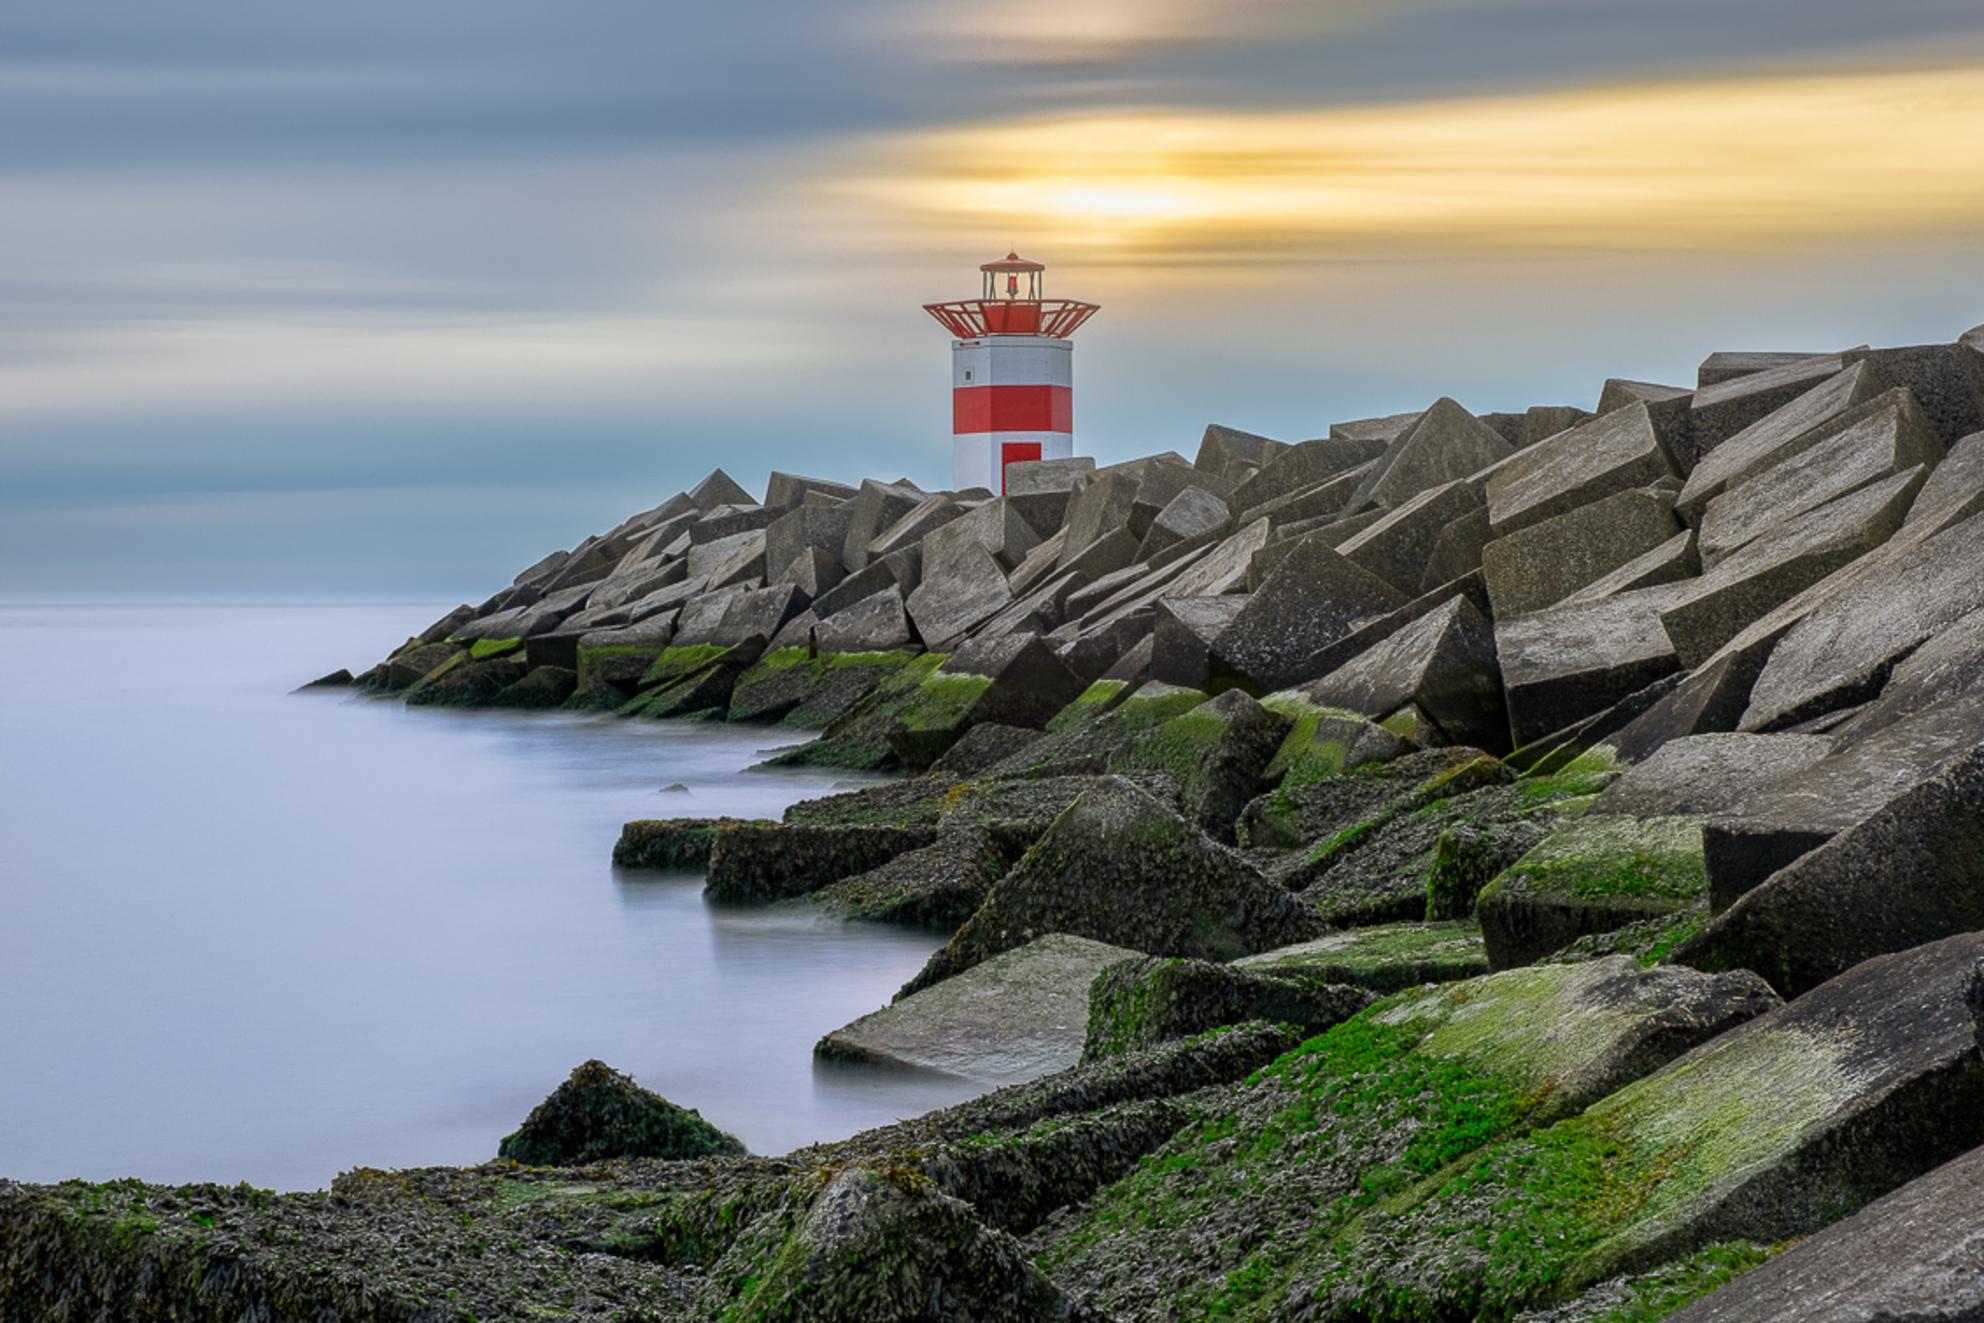 Sluiterwolken tegen het groen - We waren deze avond Scheveningen aan het verkennen om aan de slag te gaan met lange sluitertijden. Ik had gehoopt op een spectaculaire zonsondergang, - foto door Finder80 op 20-07-2019 - deze foto bevat: groen, lucht, wolken, blauw, zon, zee, water, vuurtoren, mos, avond, zonsondergang, tegenlicht, scheveningen, haven, pier, havenhoofd, hdr, Den Haag, lange sluitertijd, erik brons - Deze foto mag gebruikt worden in een Zoom.nl publicatie